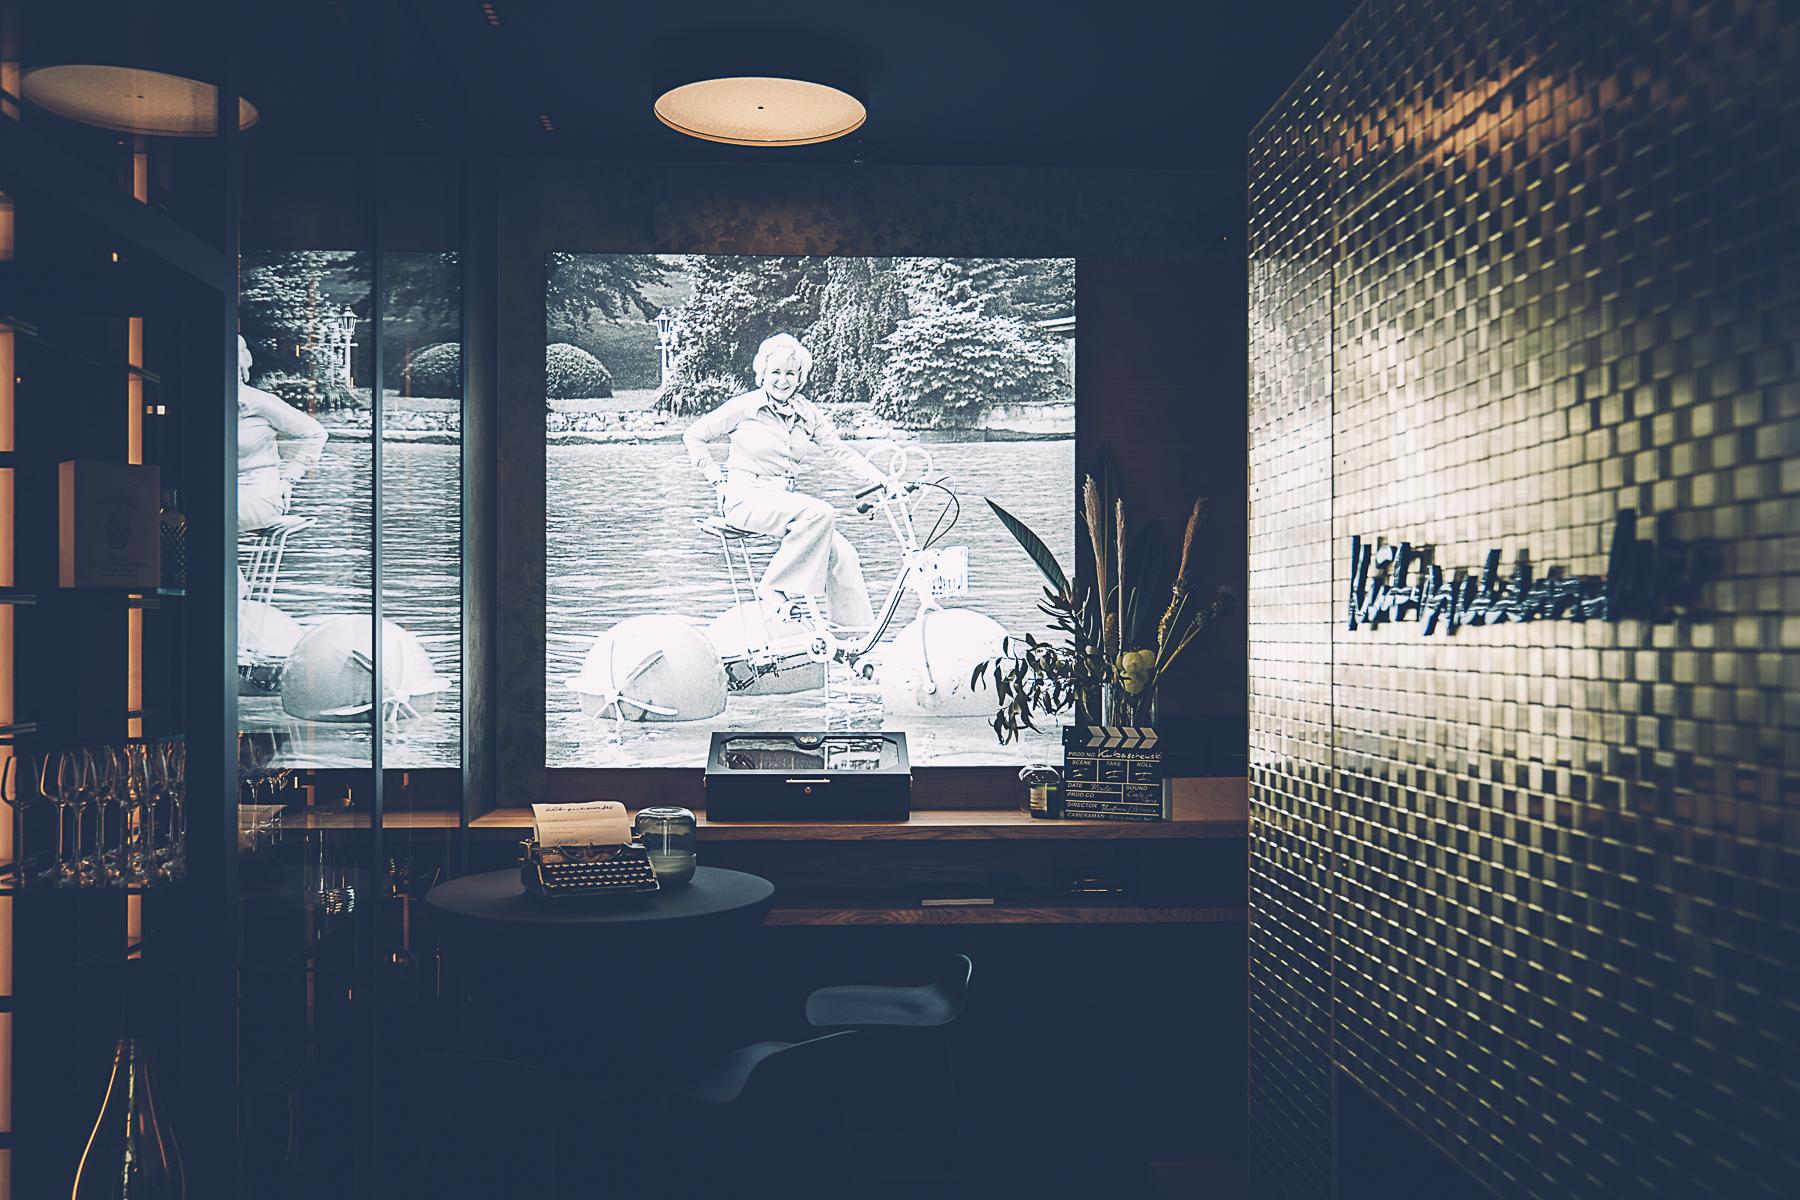 ...versteckt sich in der nach ihr benannten Bar in so einigen Ecken. – ©wunderland media GmbH